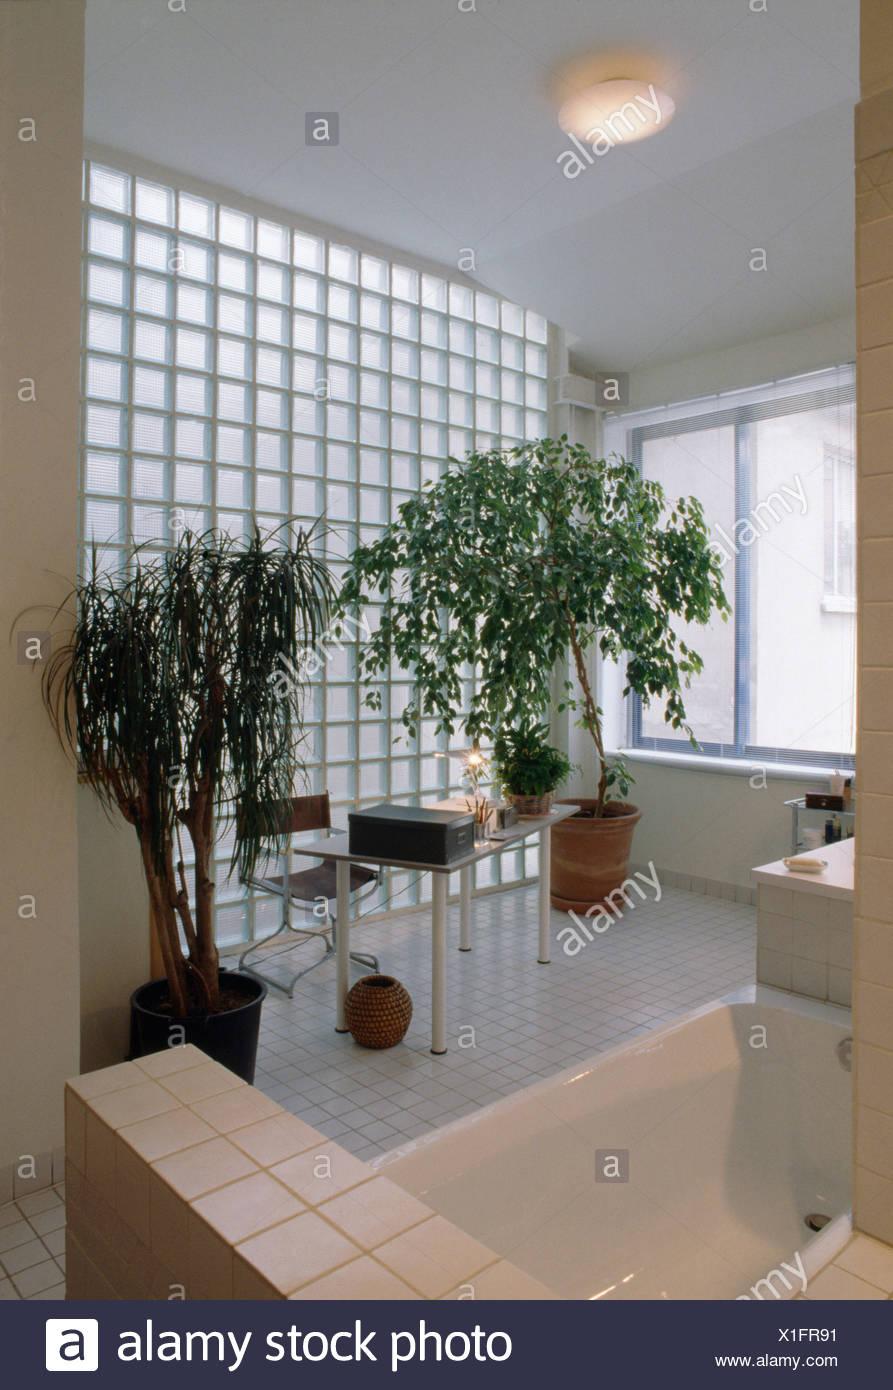 Houseplants e vetro muro in mattoni di colore bianco e moderno bagno con vasca da bagno - Bagno di colore prezzo ...